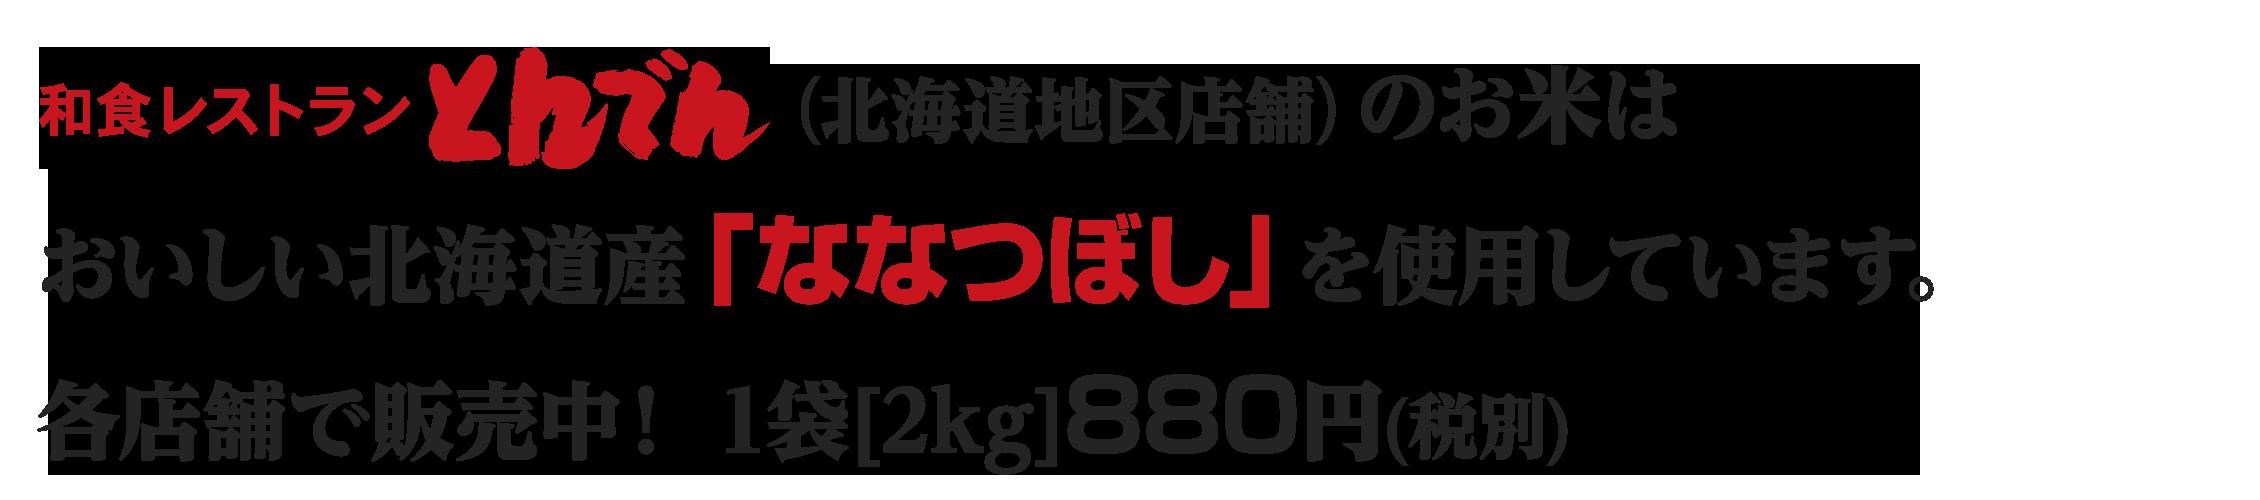 和食レストランとんでん(北海道地区店舗)のお米は おいしい北海道産「ななつぼし」を使用しています。各店舗で販売中!1袋[2kg]880円(税別)